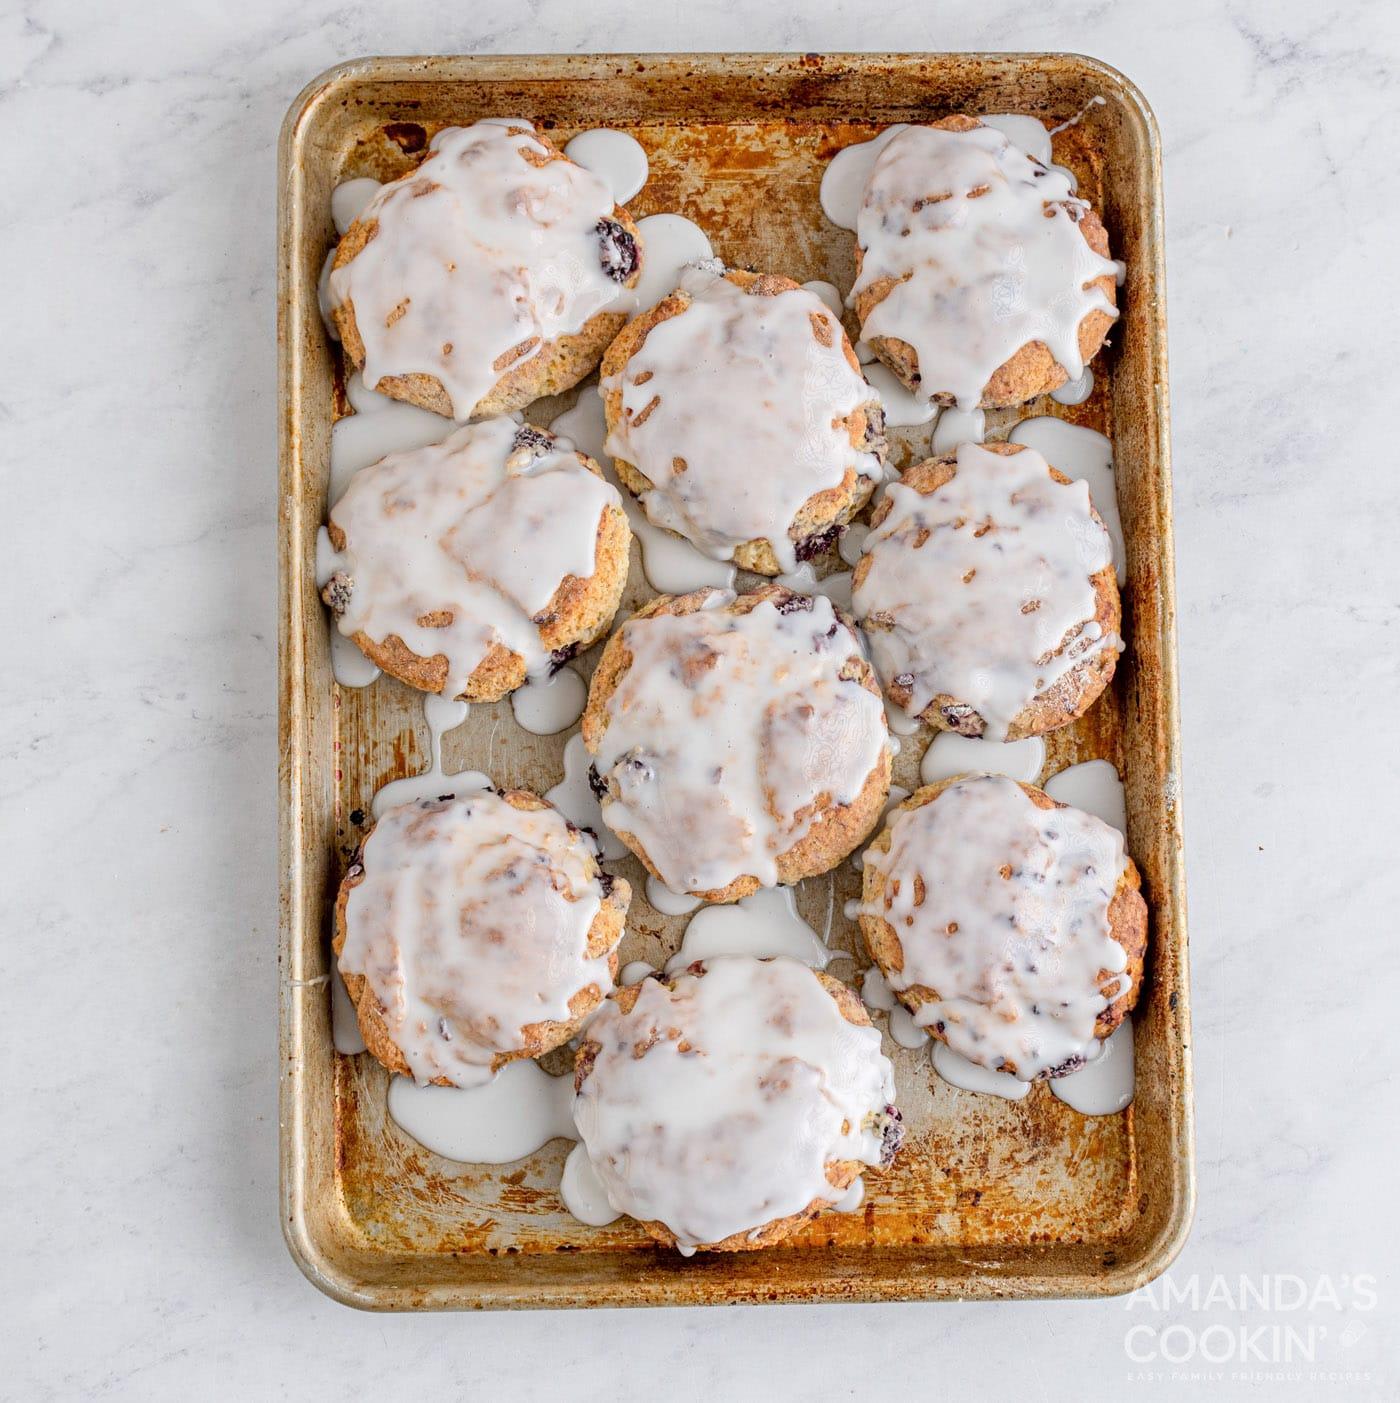 glazed blackberry scones on baking sheet